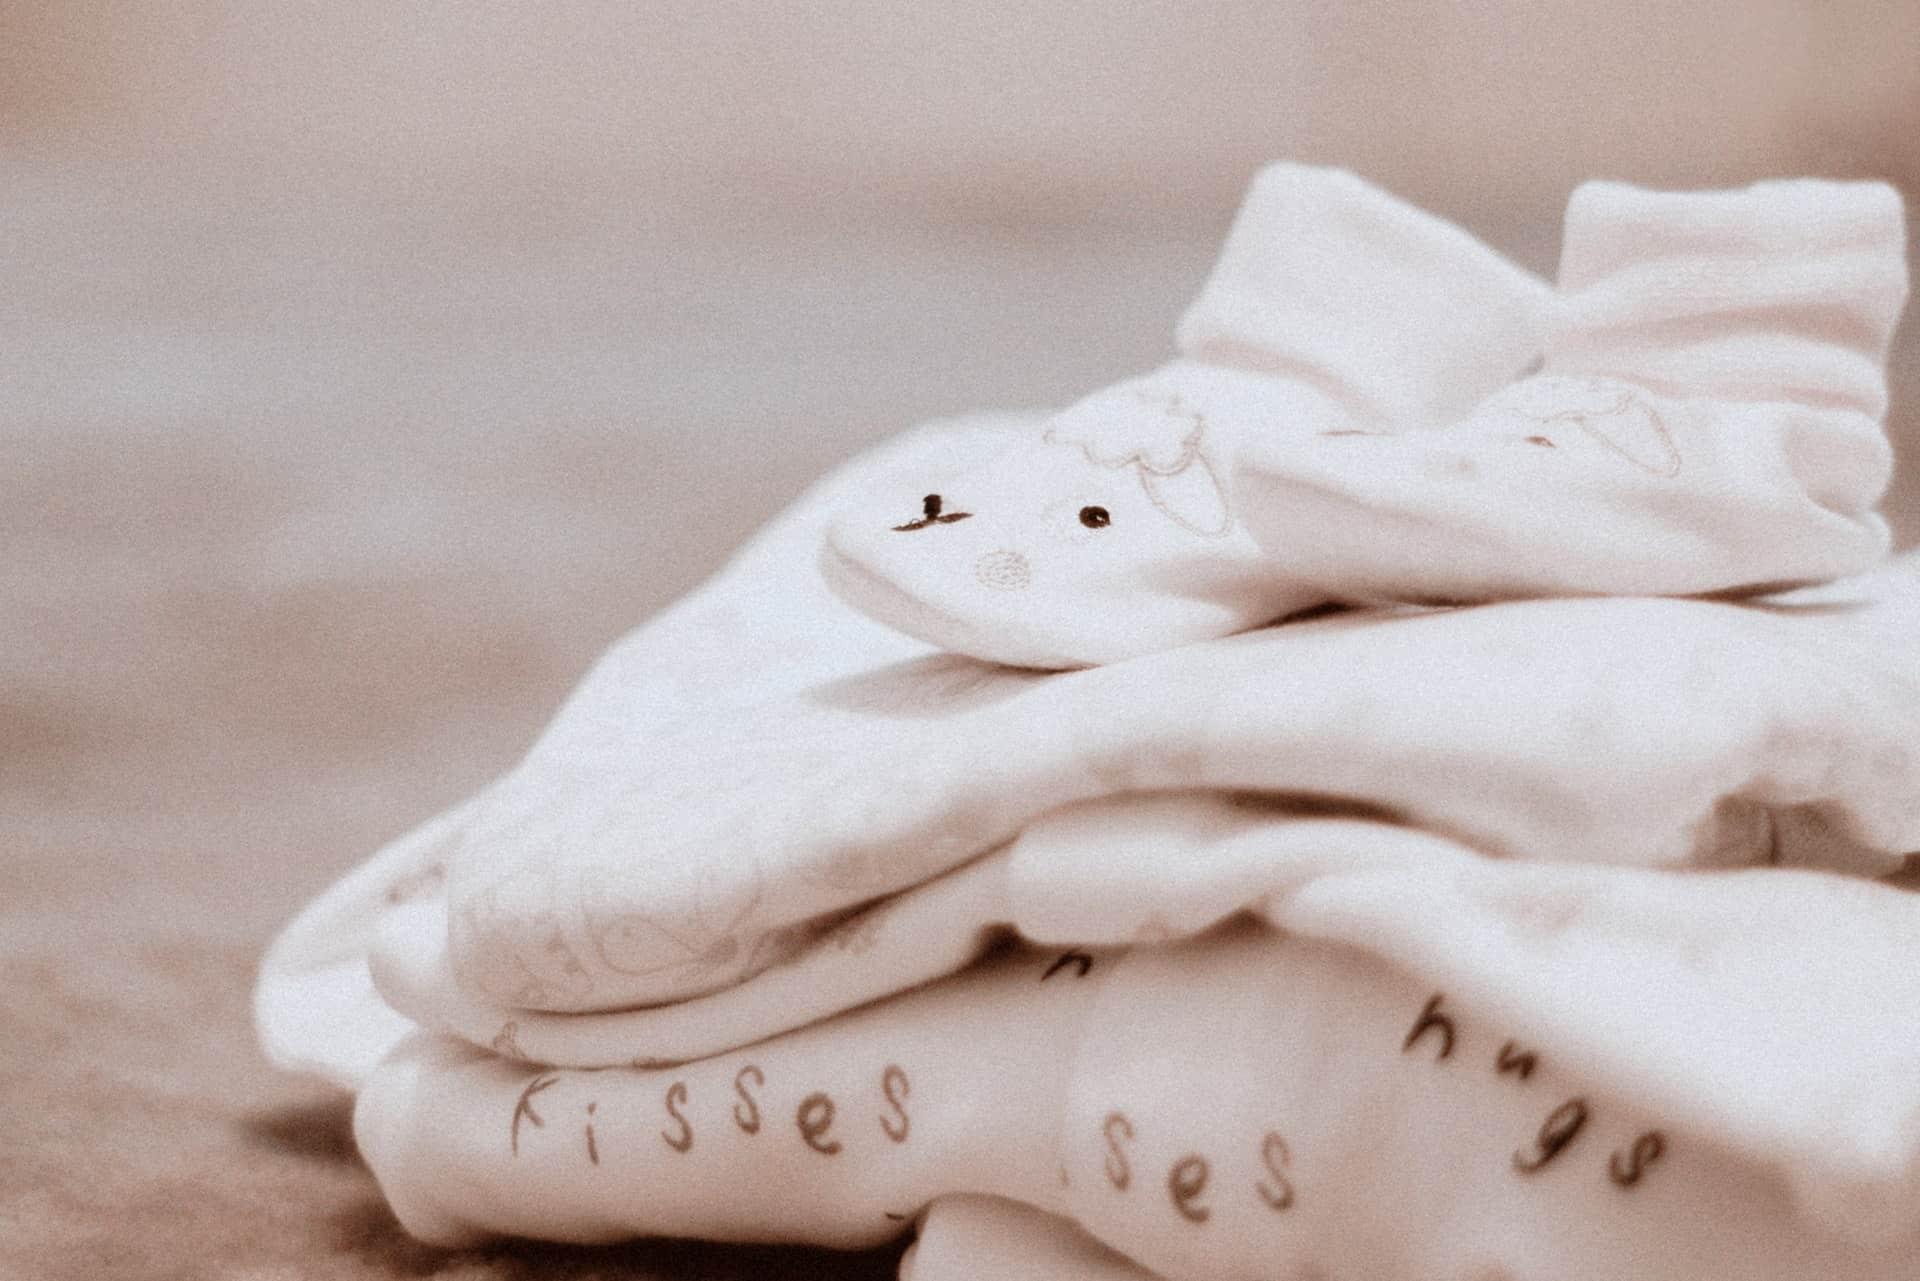 Na foto uma pilha de roupas brancas de bebê com um par de meias em cima com estampa de ovelha.